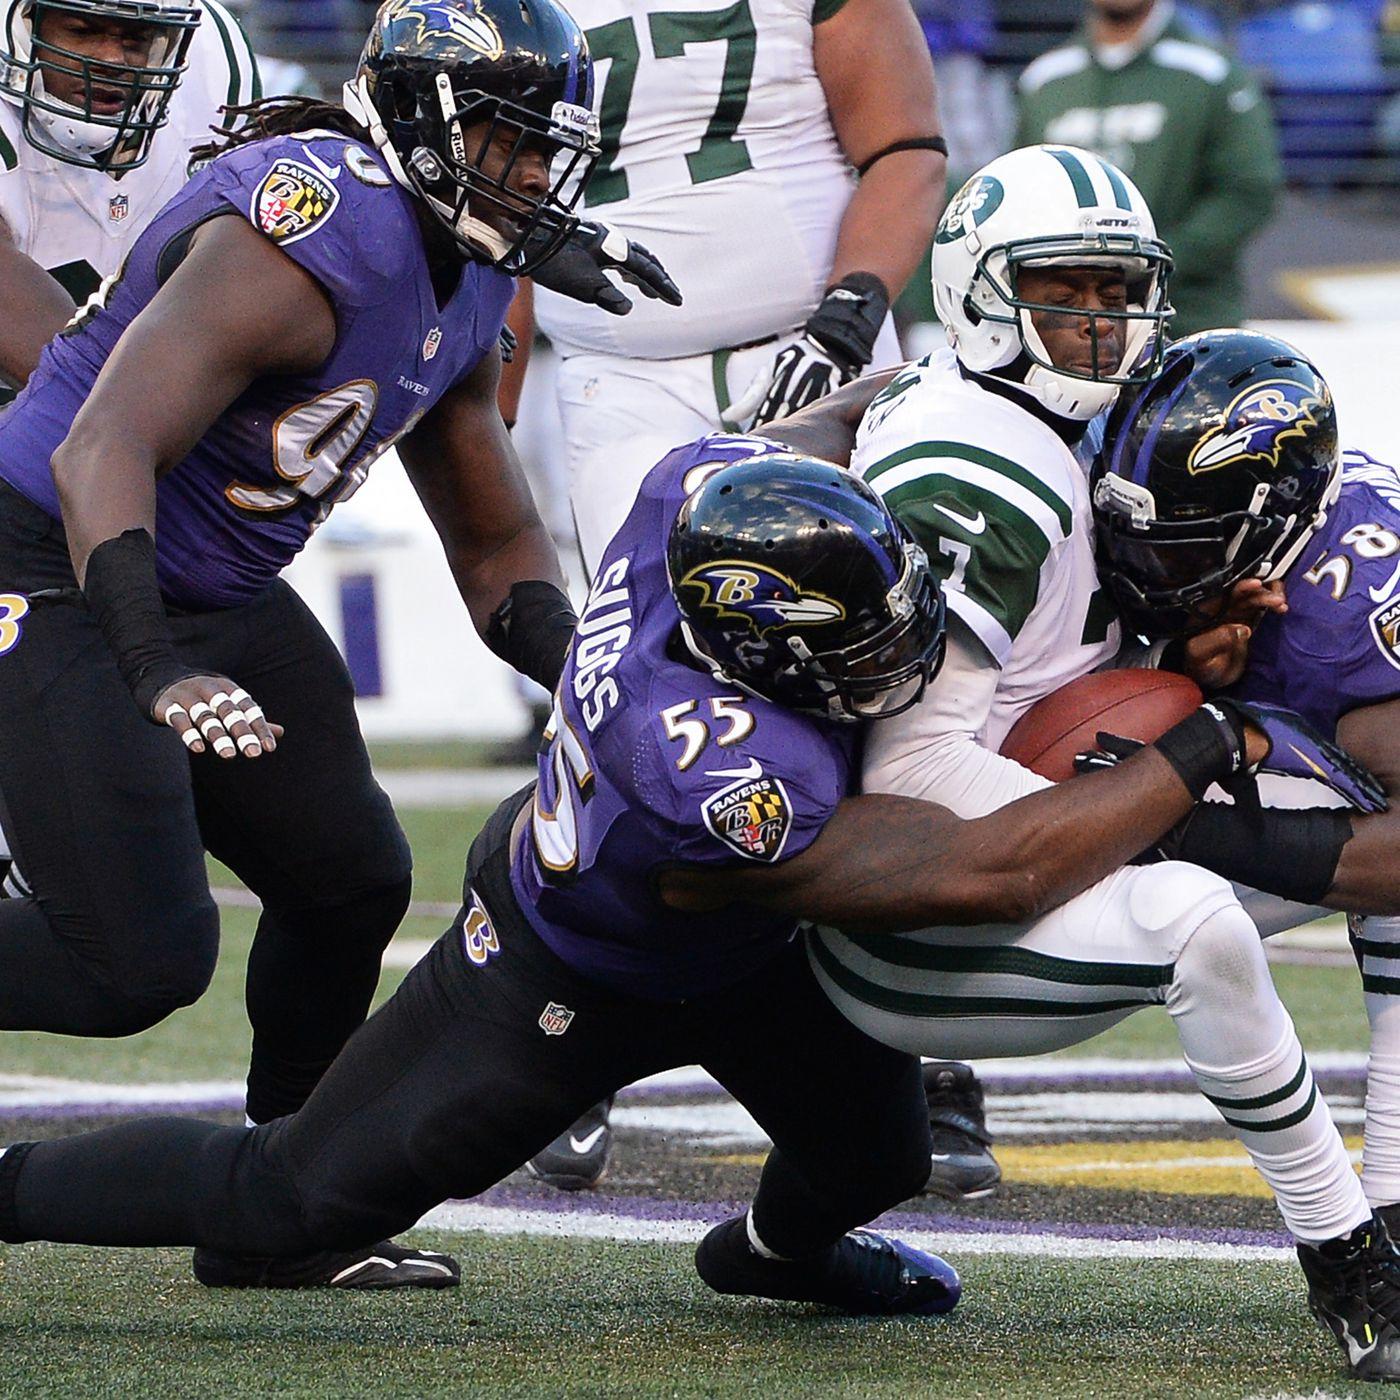 Jets Vs Ravens 2013 Playoff Hopes Alive And Geno Smith S Struggles Sbnation Com Ravens sign letter to sen. sb nation